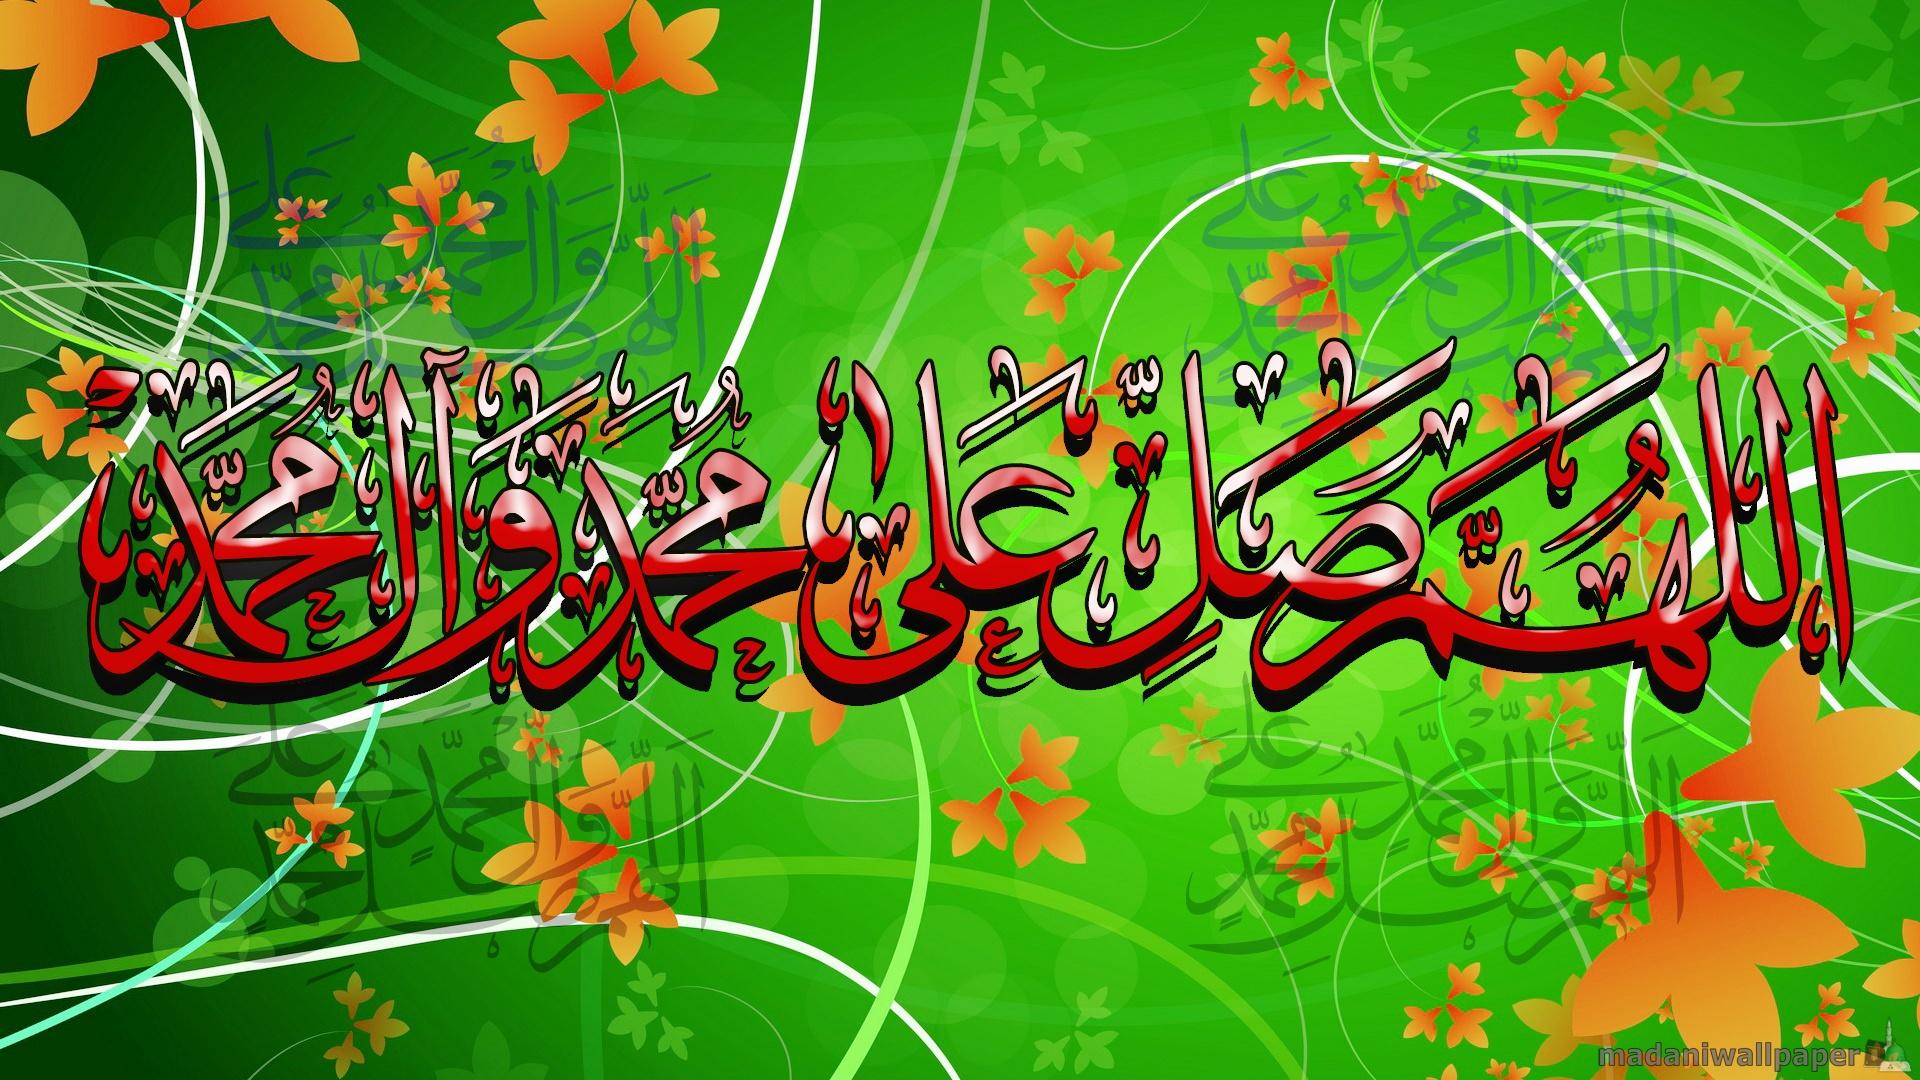 صوره اجمل الصور الاسلامية المعبرة , شاهد اجمل صور اسلامية